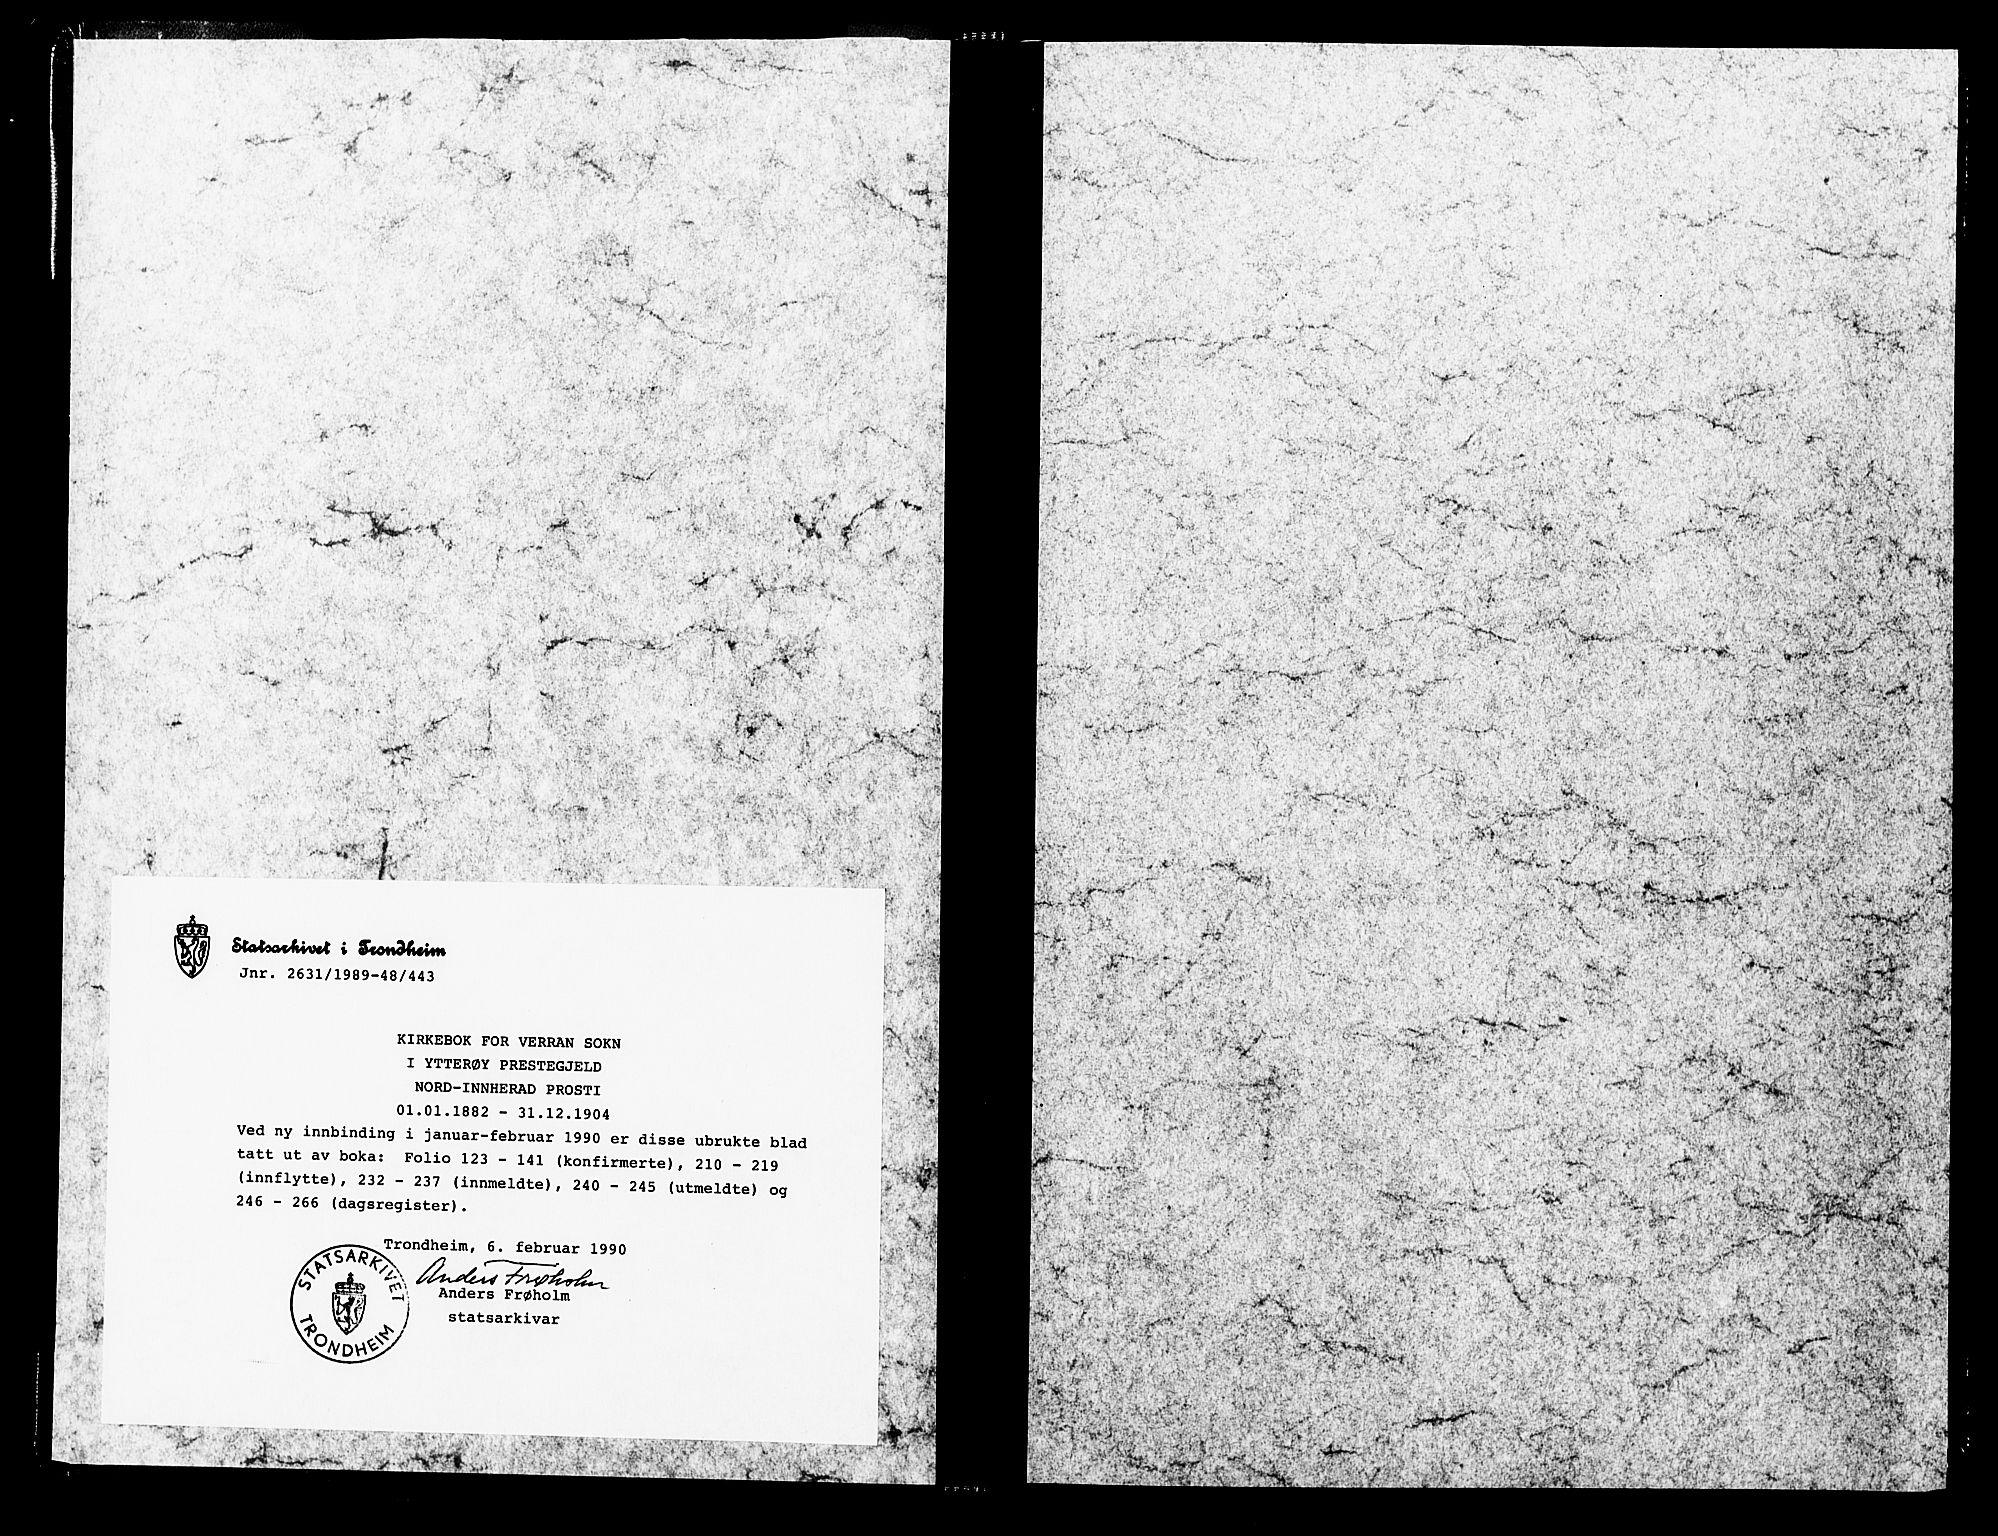 SAT, Ministerialprotokoller, klokkerbøker og fødselsregistre - Nord-Trøndelag, 744/L0420: Ministerialbok nr. 744A04, 1882-1904